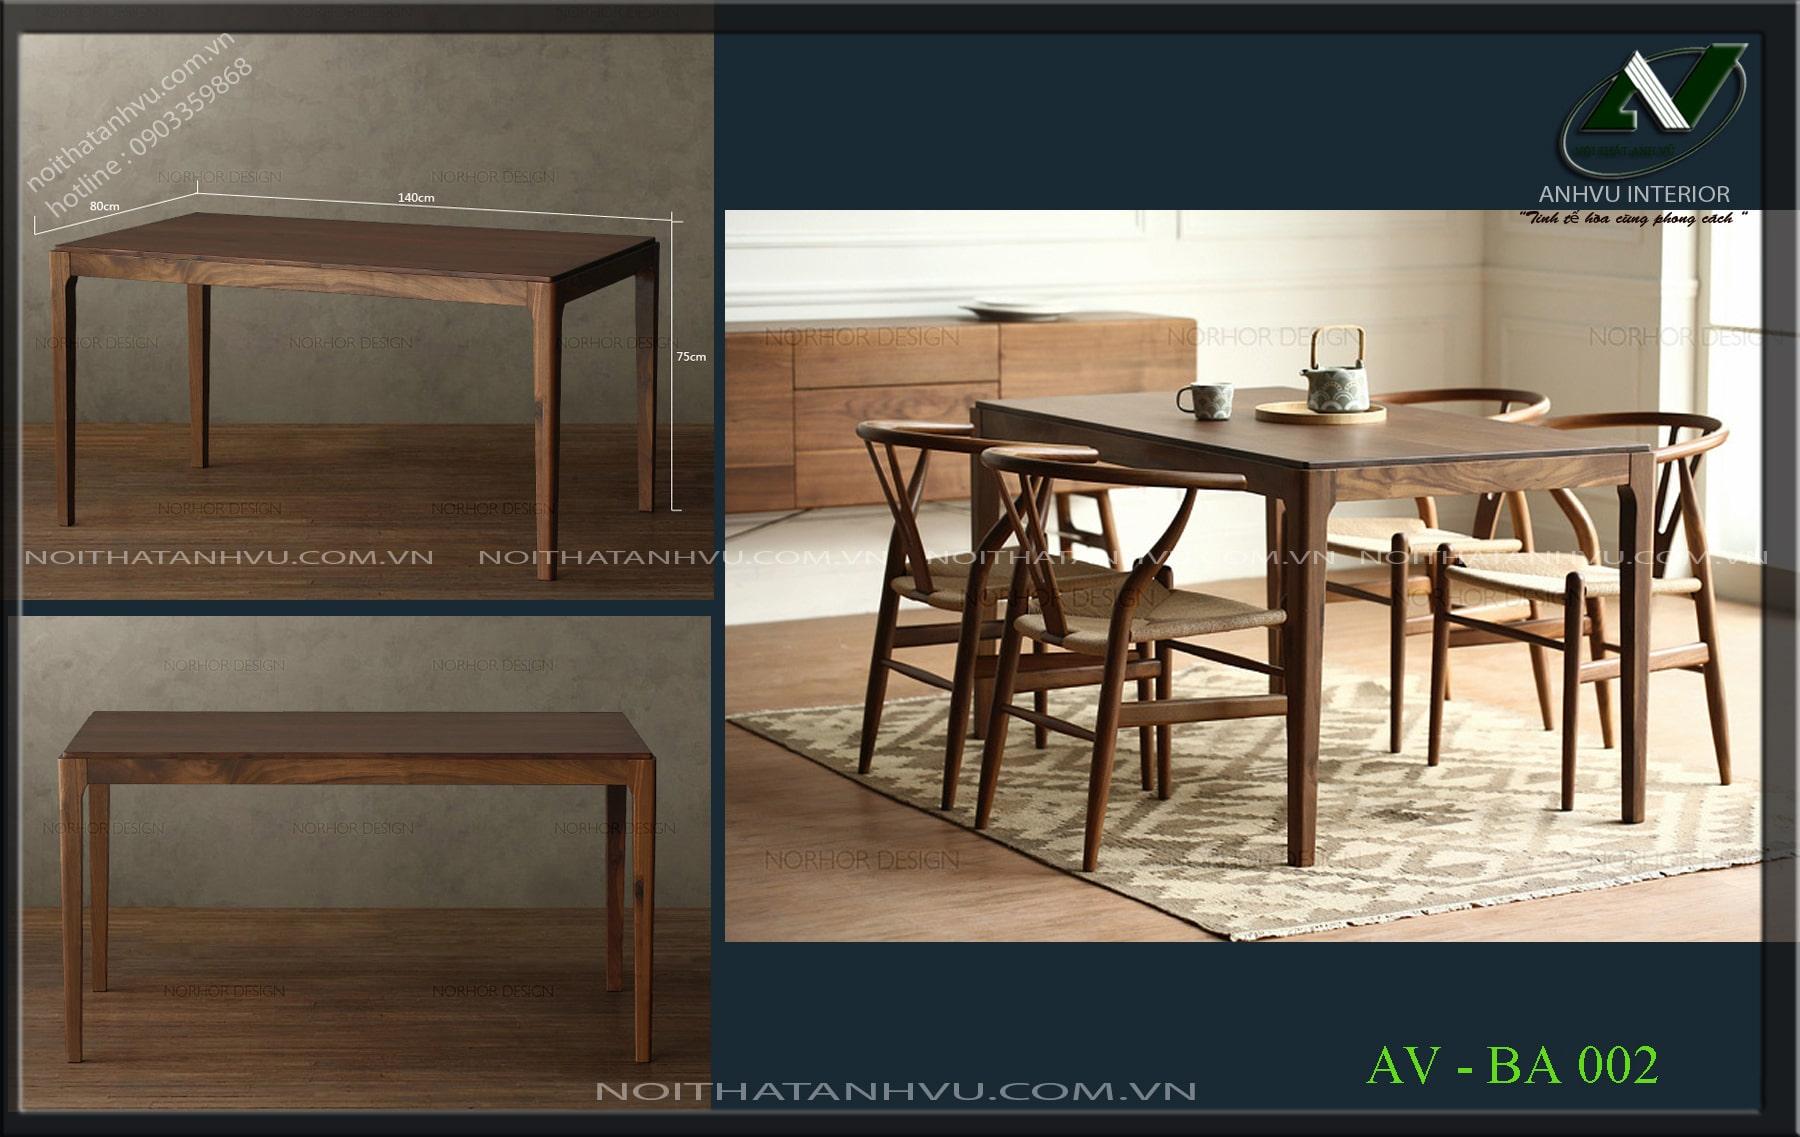 Bộ bàn ghế ăn gỗ óc chó bền đẹp - Nội thất Anh Vũ